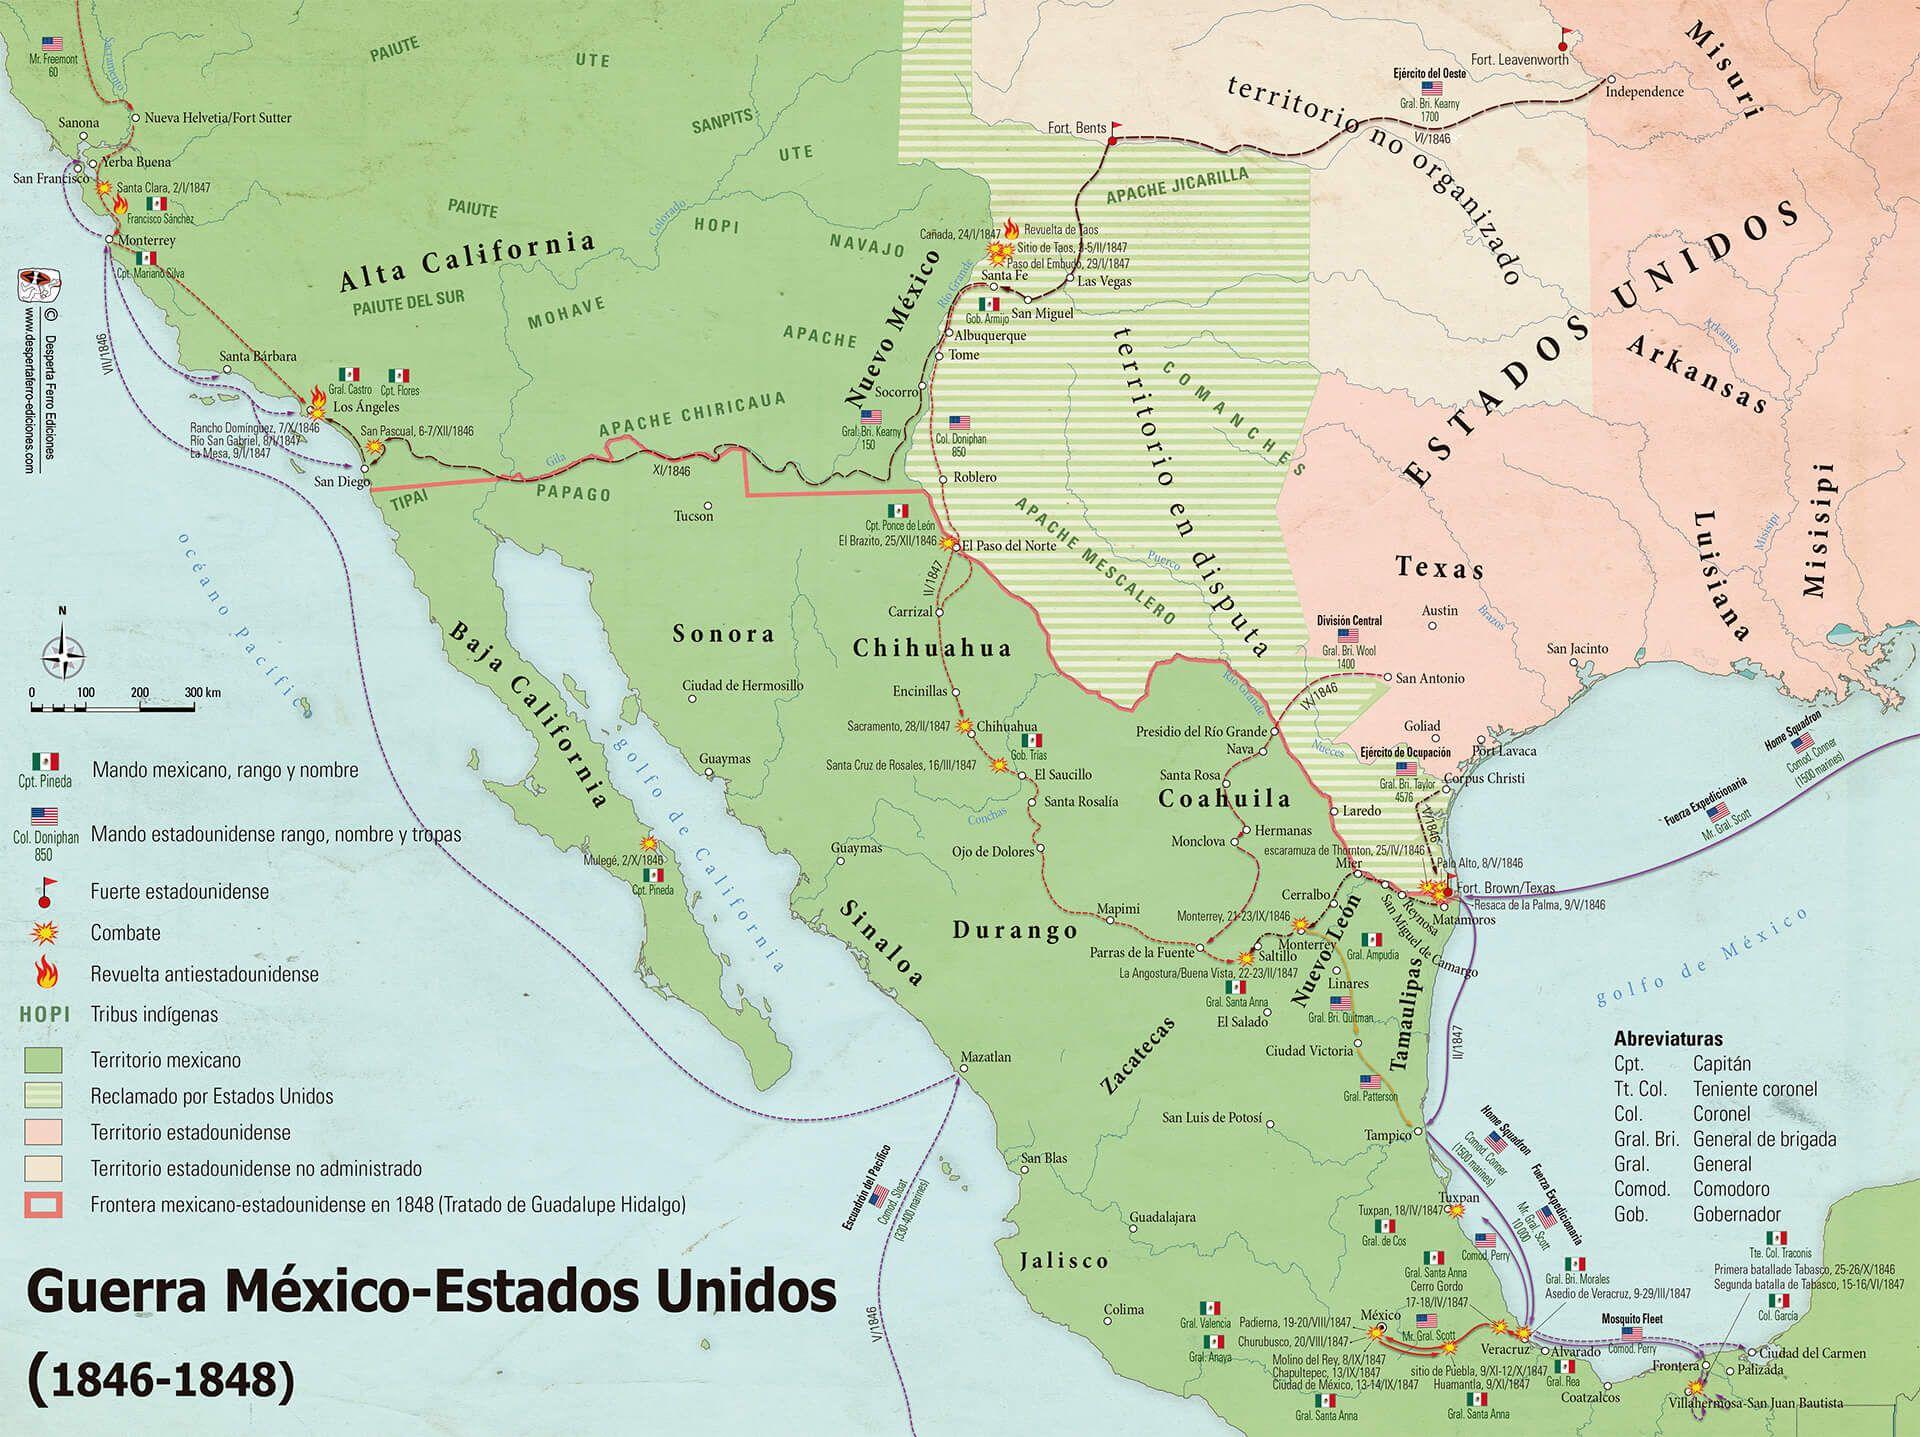 Mapa Guerra México Estados Unidos 1846 1848